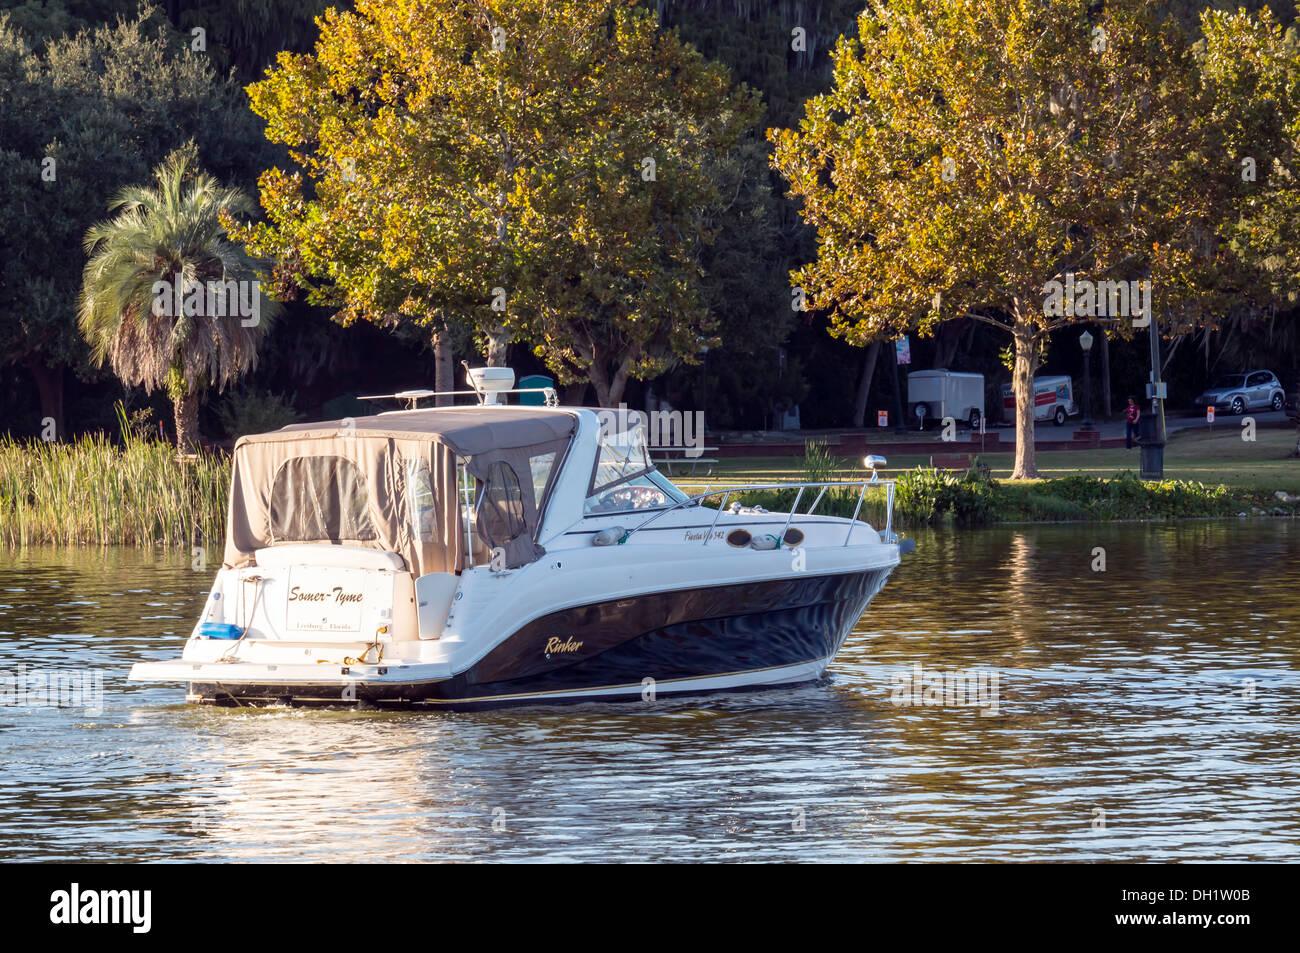 Rinker Fiesta Vee 342 cabinato di potenza entrobordo crociera in barca sul Lago di Dora nel supporto Dora porto. Immagini Stock